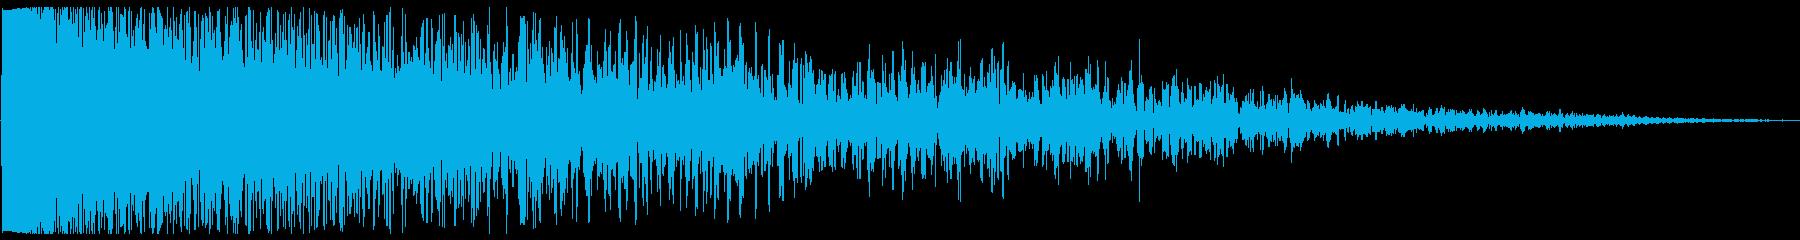 ビシューン(爆弾の音)の再生済みの波形